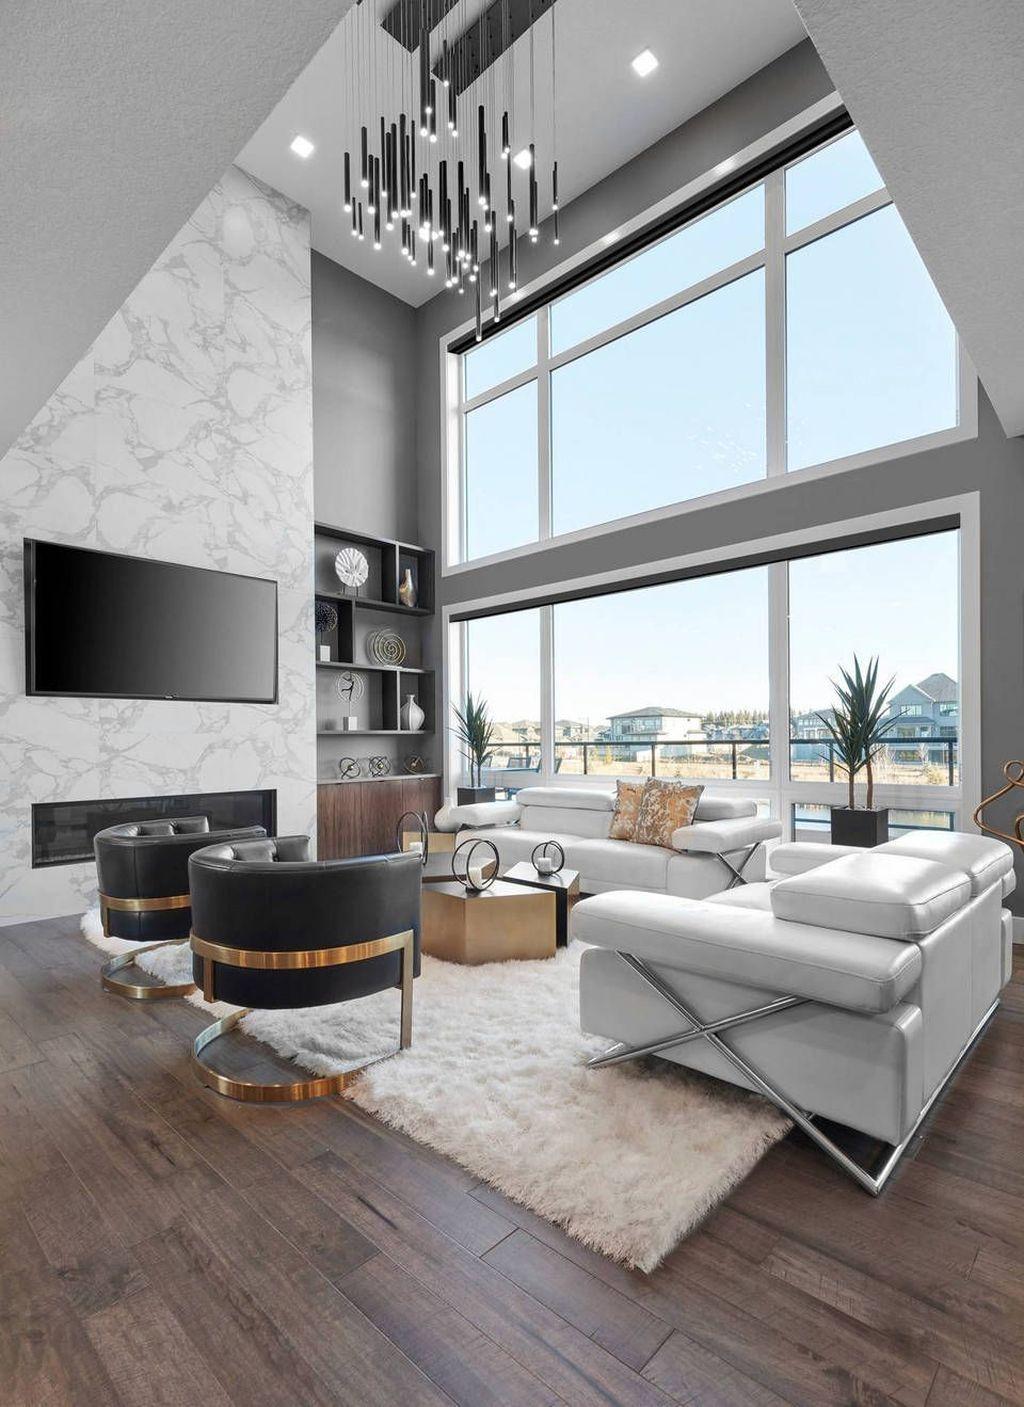 Decoration Interieur De Maison Moderne